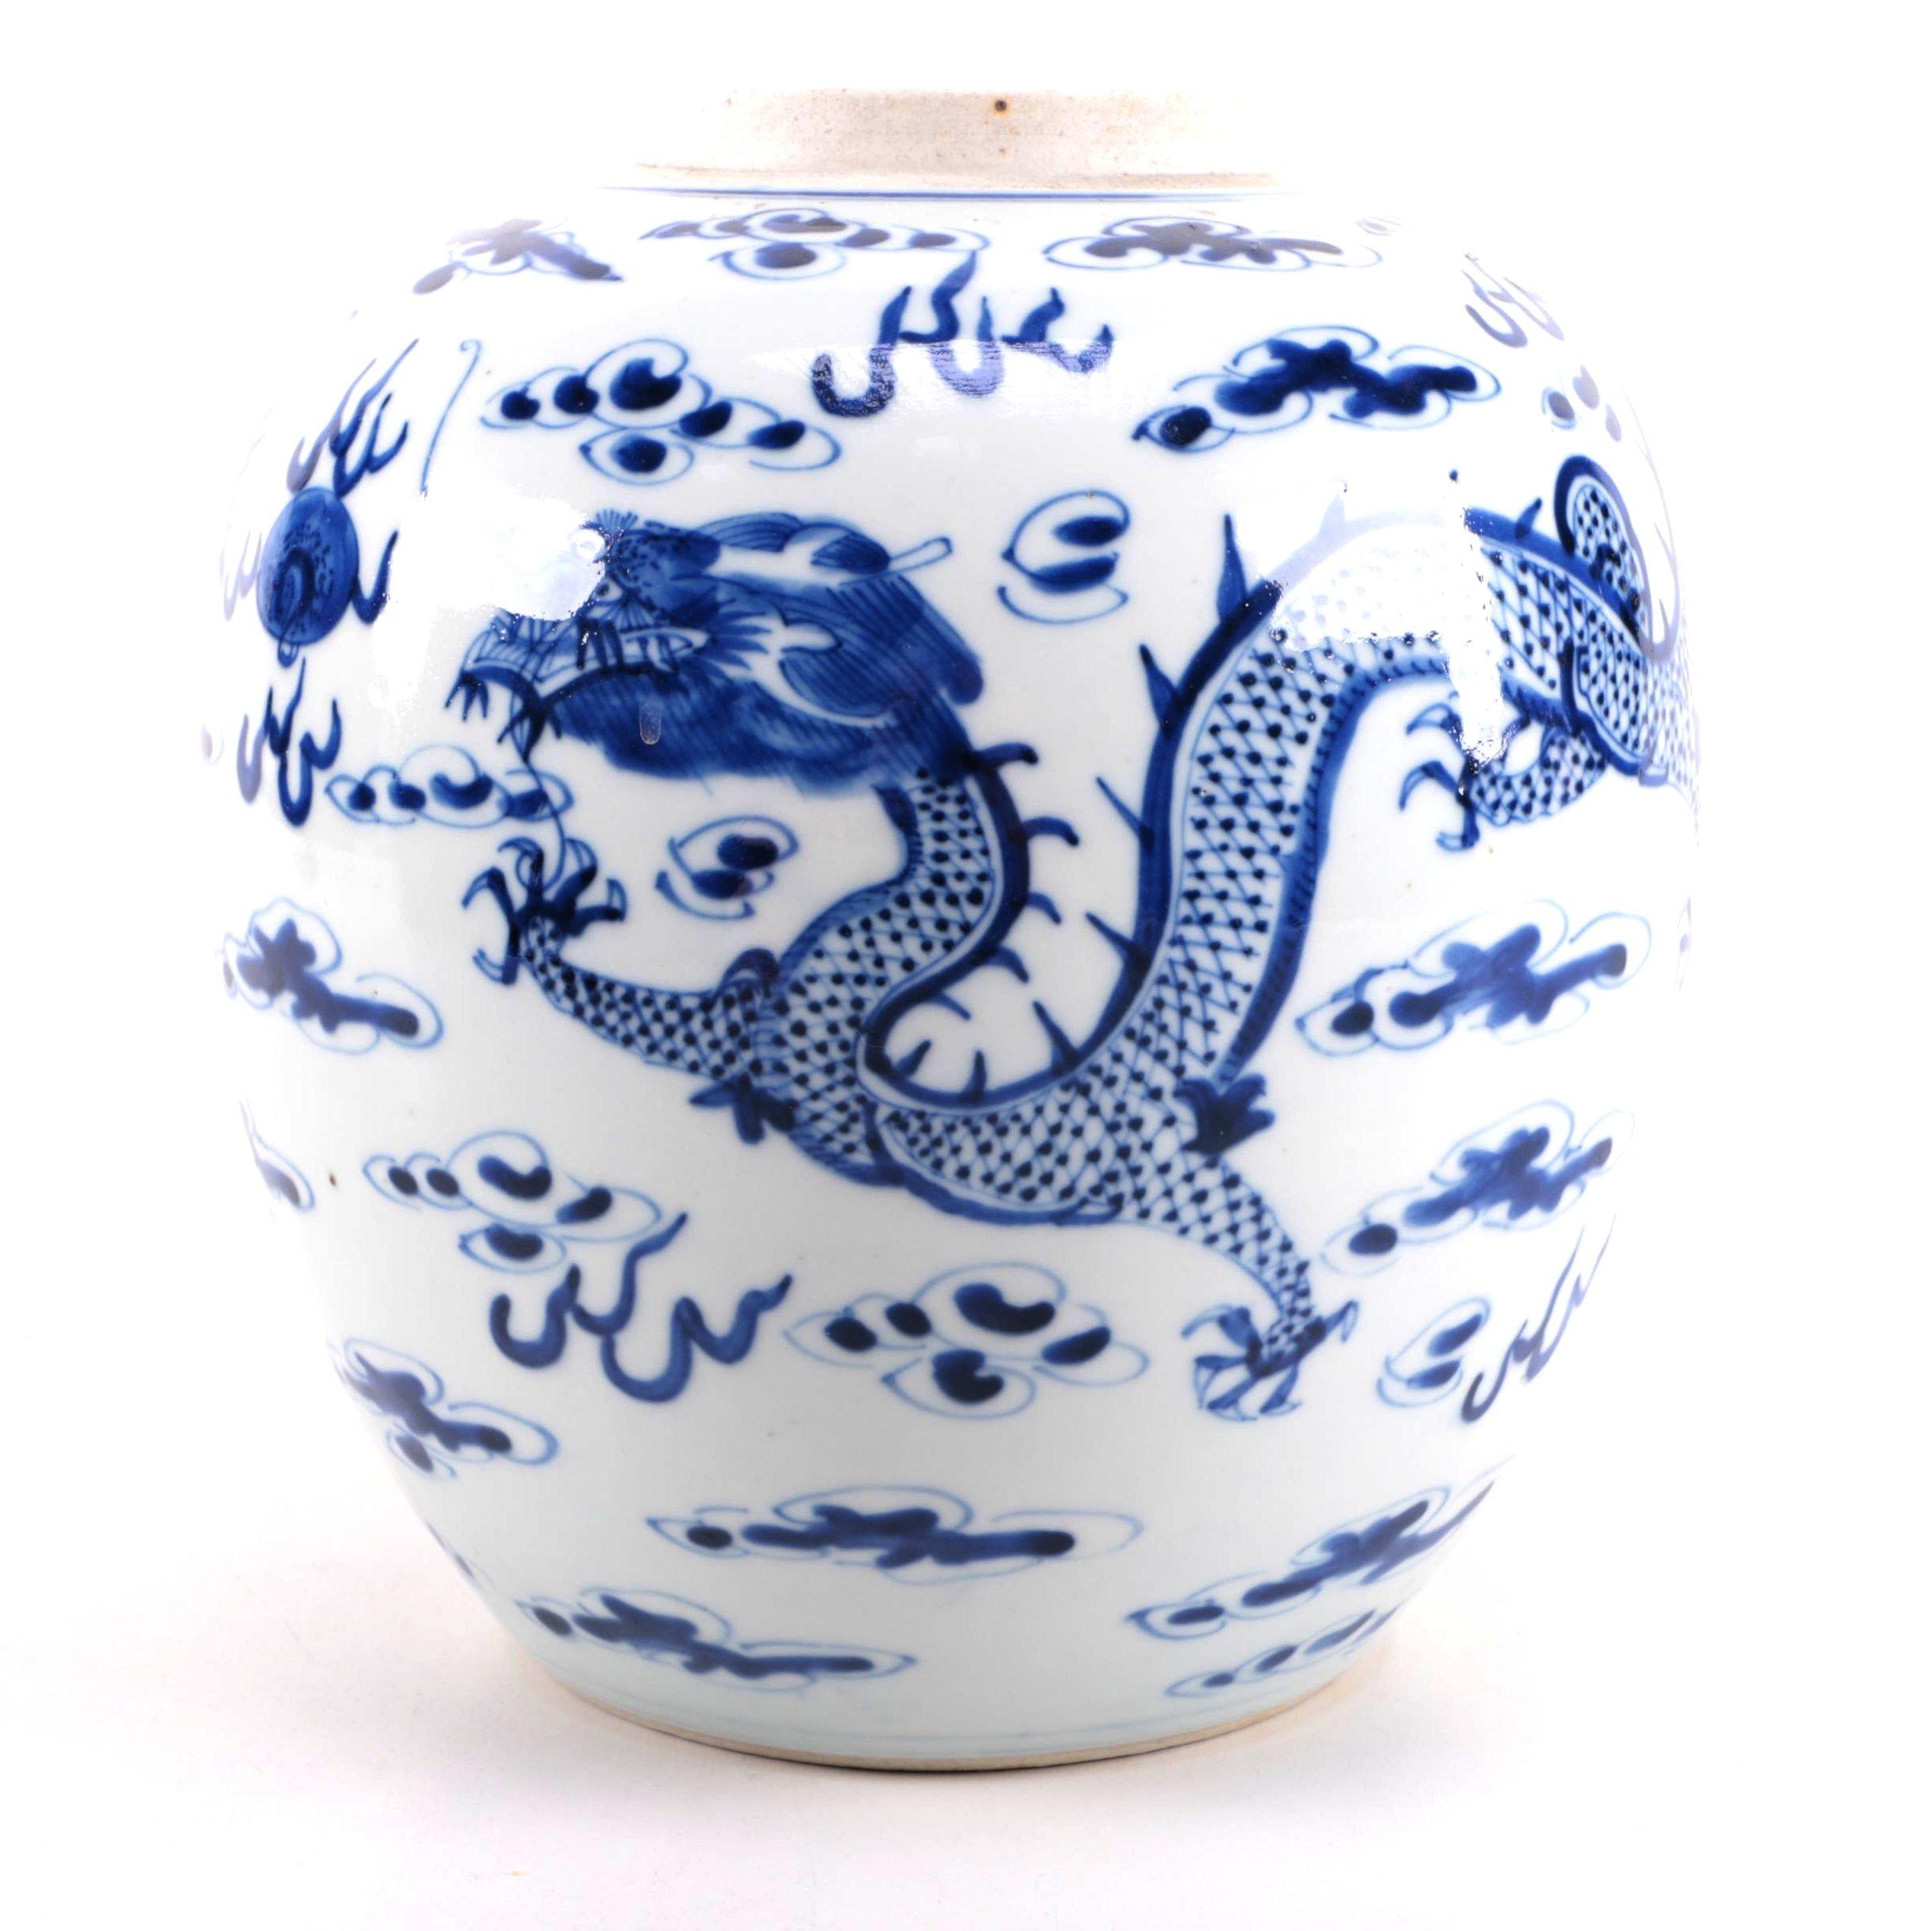 Eastern Asian Inspired Porcelain Vase